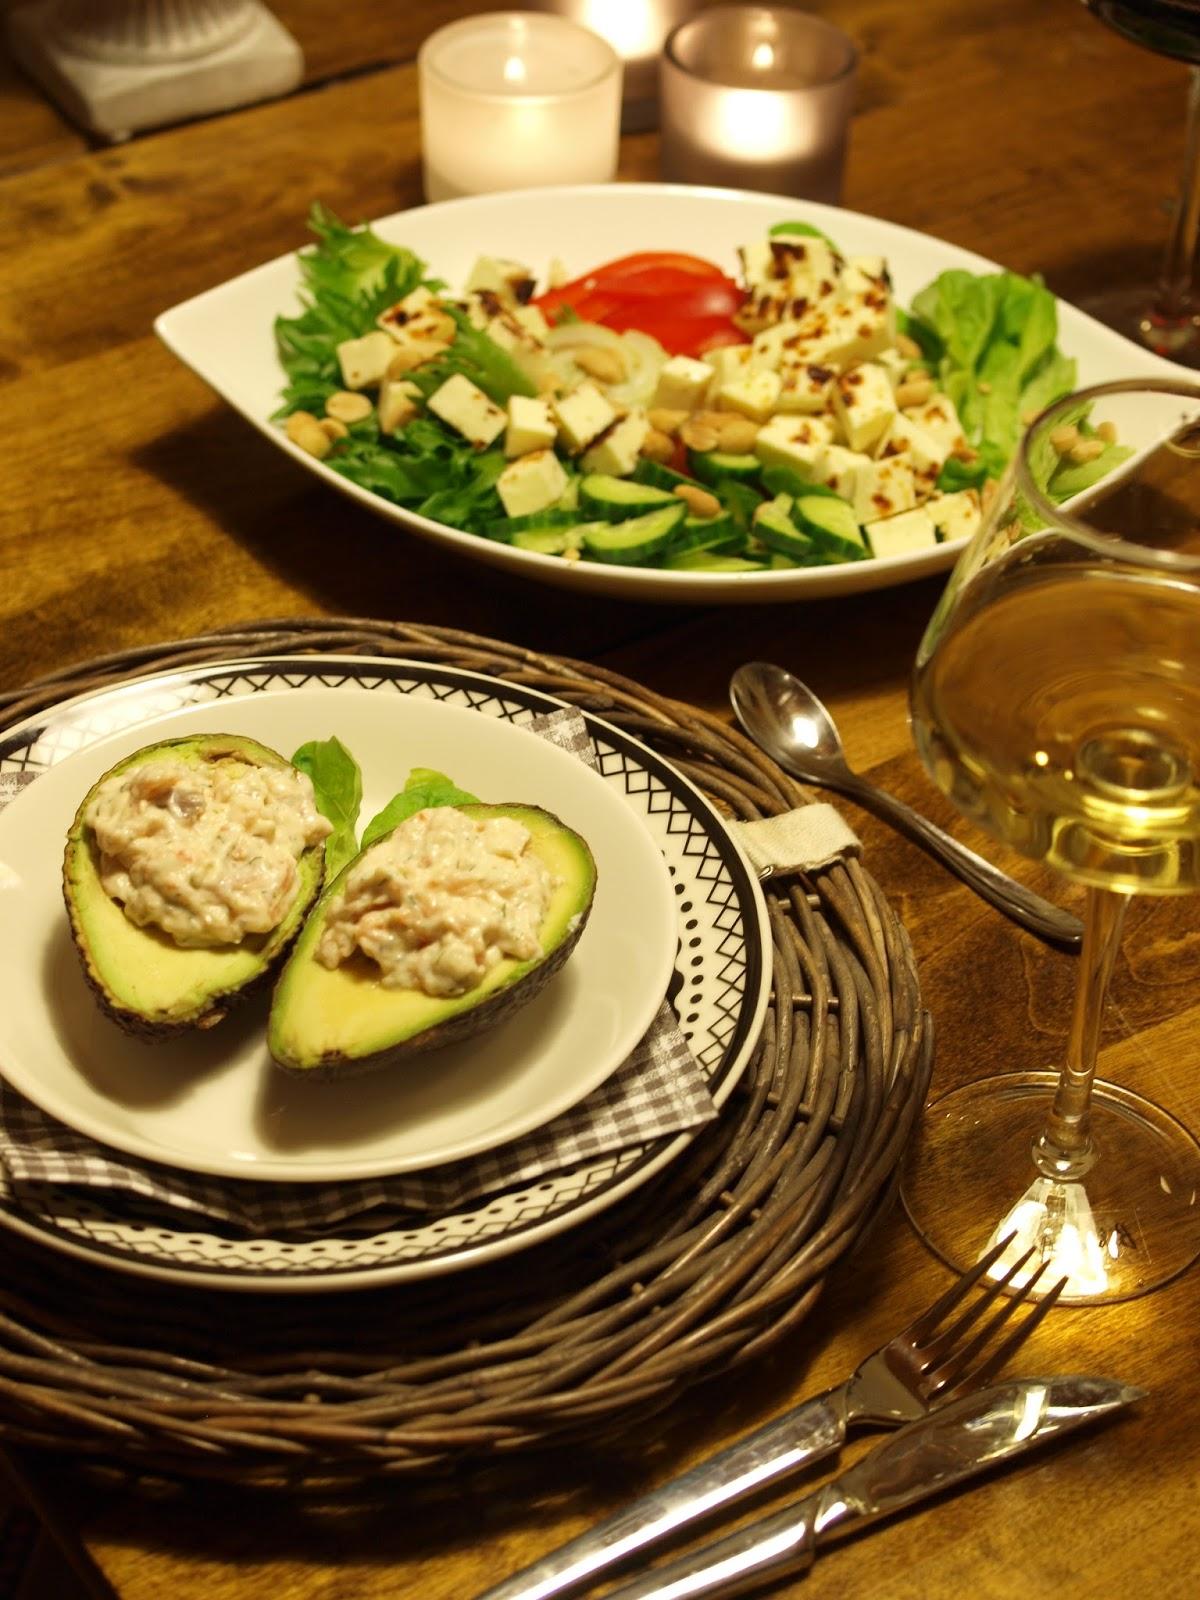 terveysruoka, helthy food, terveys, kevennä ruokavaliota, hyvä alkuruoka